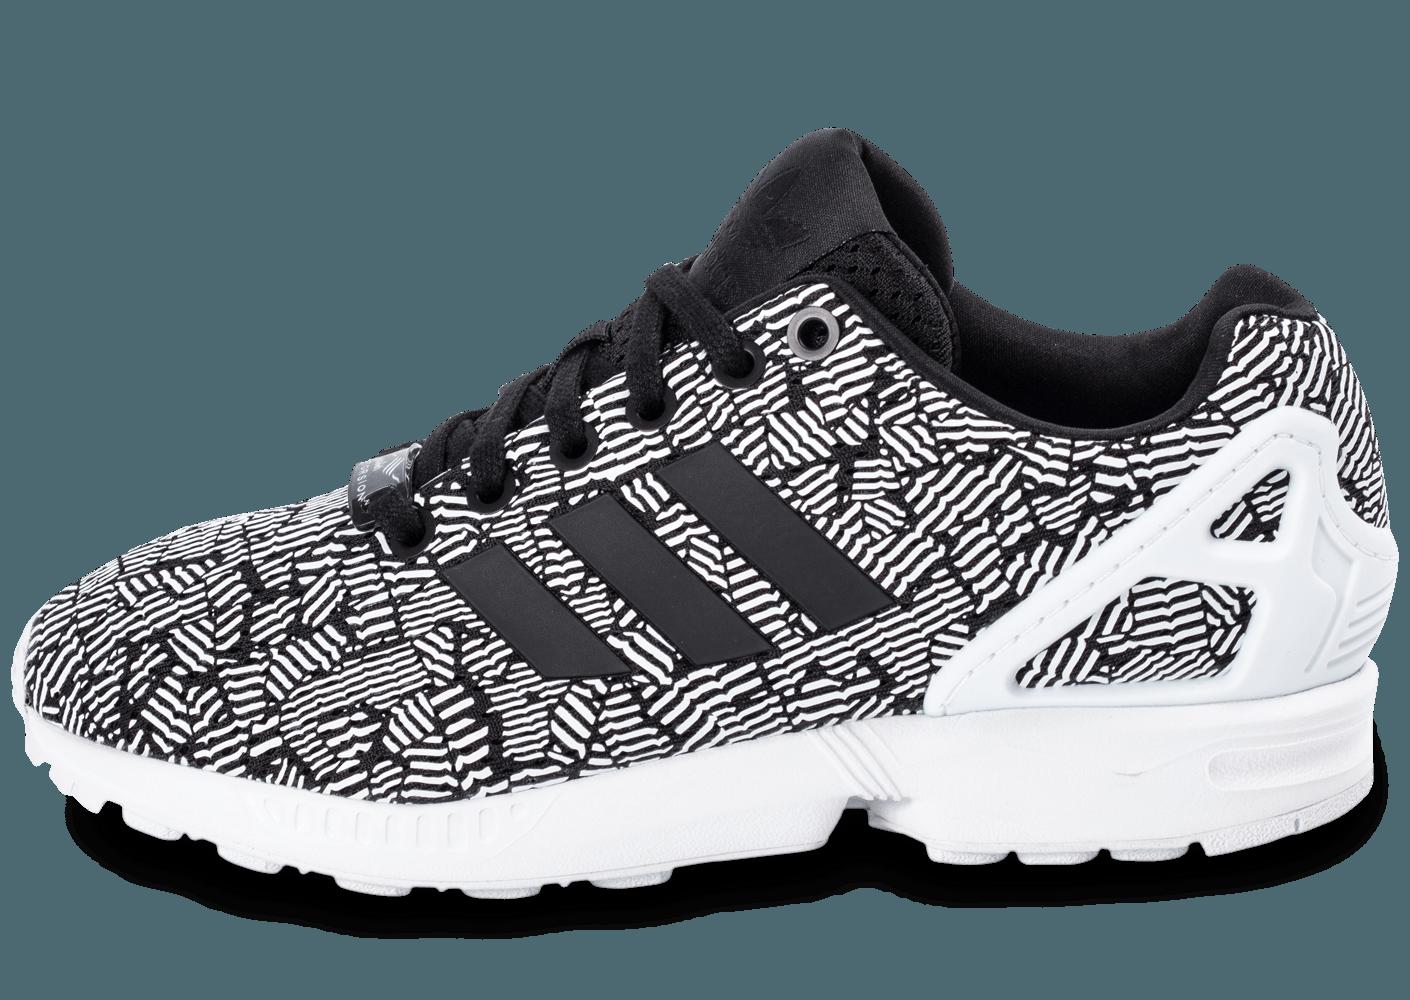 nouveau style 5731b 807d8 adidas flux zx noir et blanche